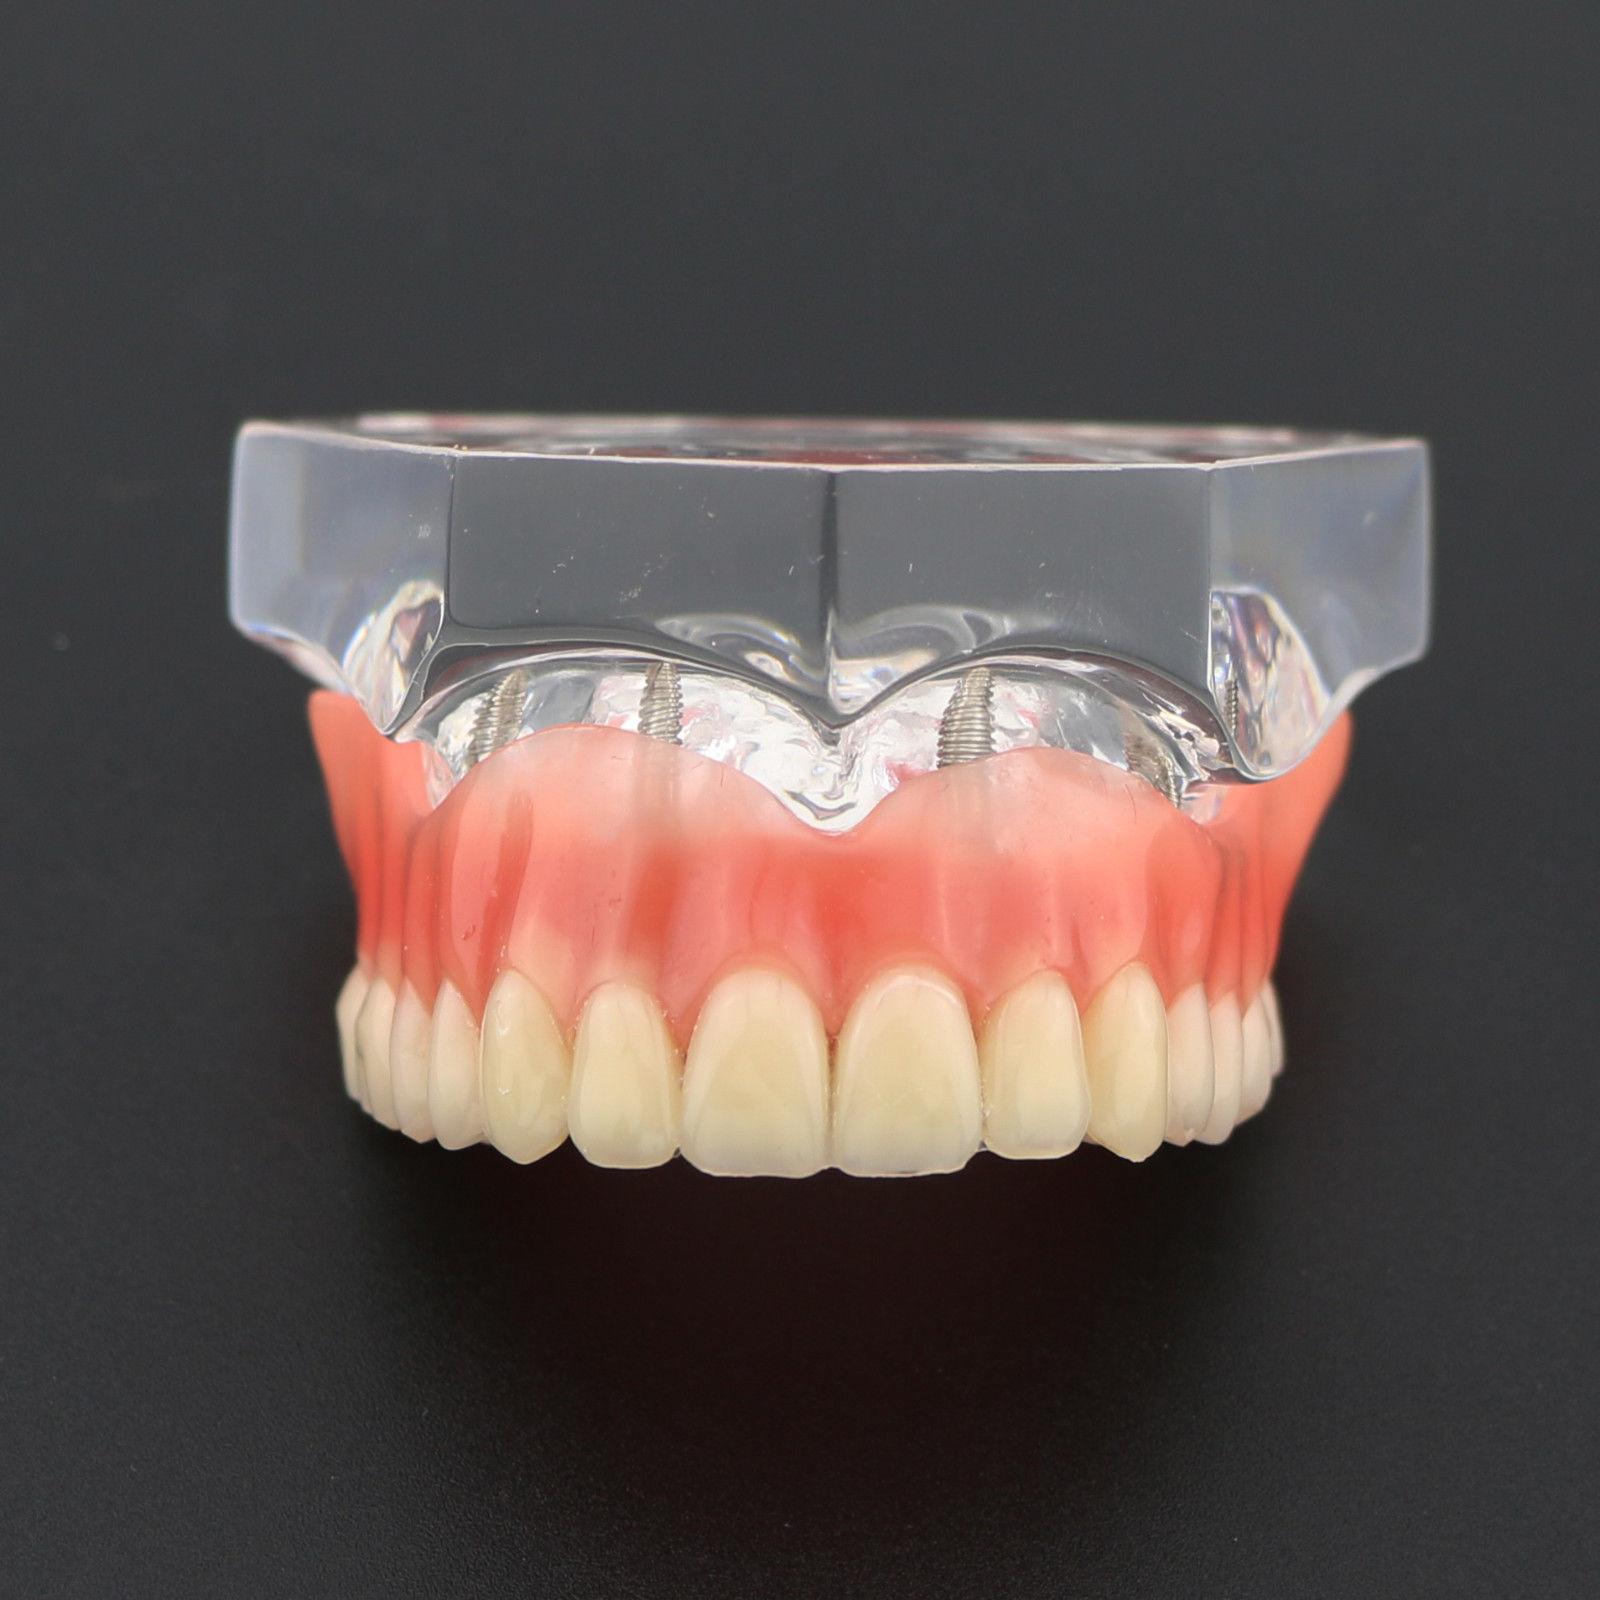 dental claro acrilico superior dentes modelo overdenture superior 4 implantes maxilar demo modelo 6001